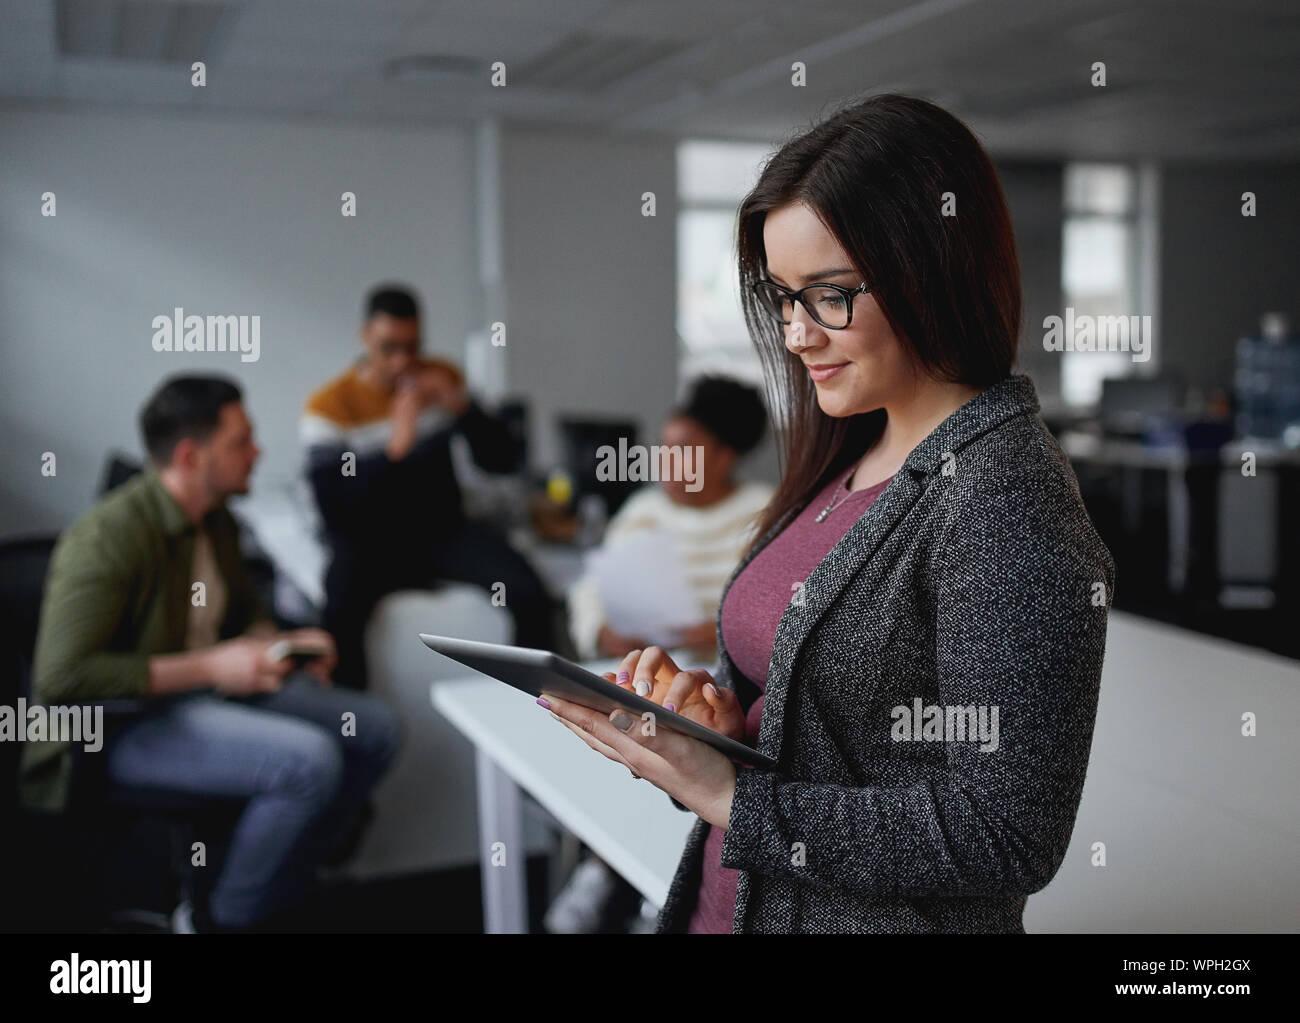 Glückliche junge geschäftsfrau mit digitalen Tablet in Büro- und Kollegen diskutieren im Hintergrund Stockfoto